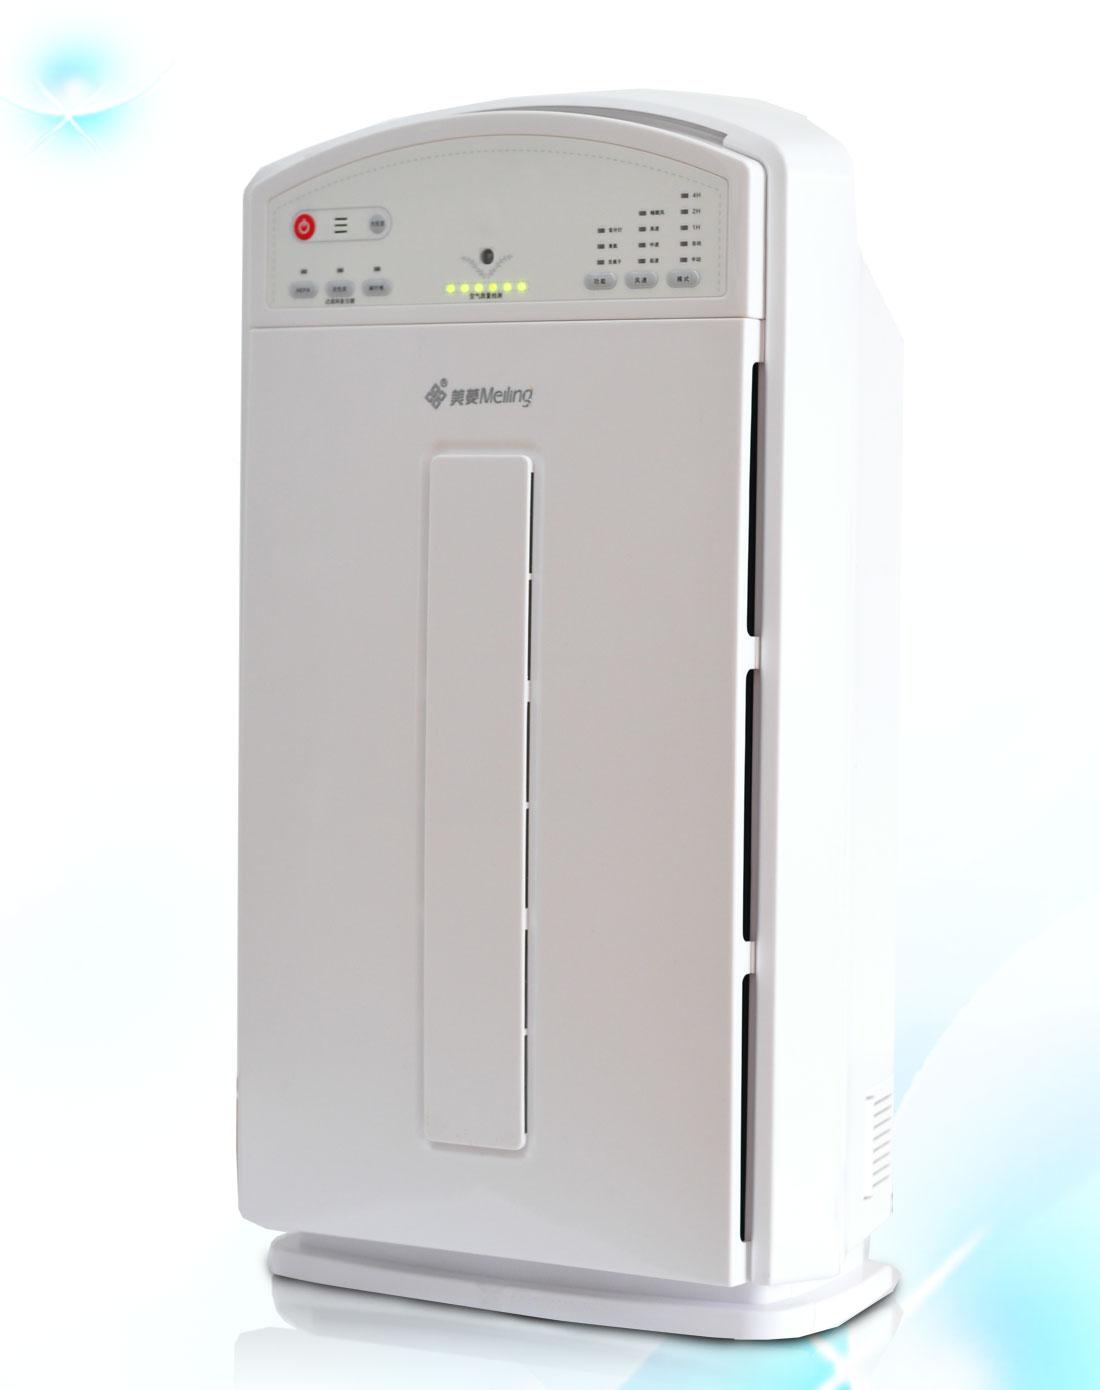 美菱meiling电器负离子空气净化器kj-783